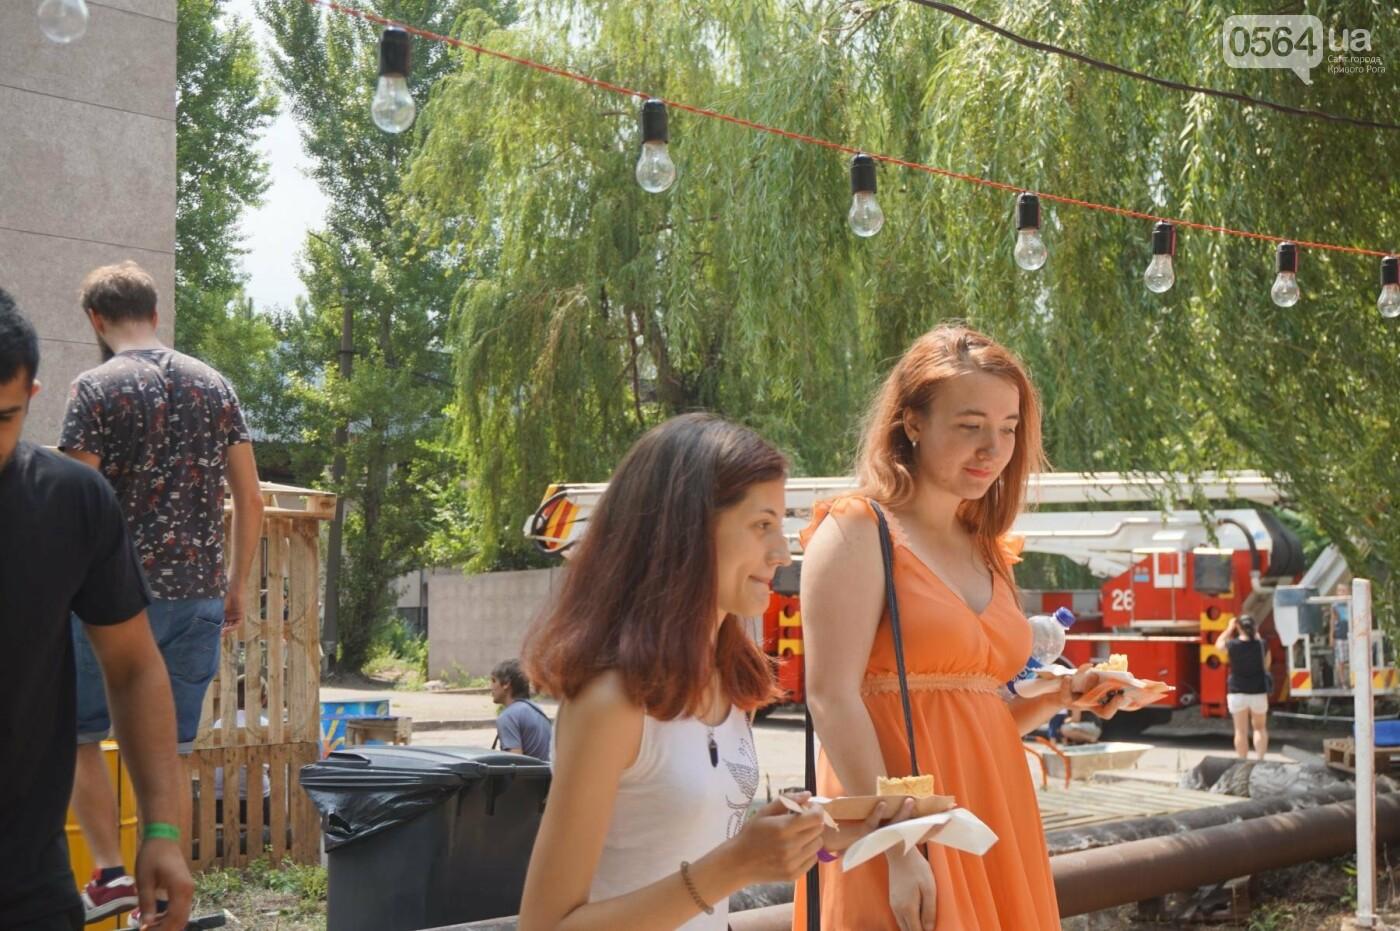 """Криворожане культурно отдыхают на фестивале искусства и еды """"Артишок"""", - ФОТО, ВИДЕО, фото-127"""